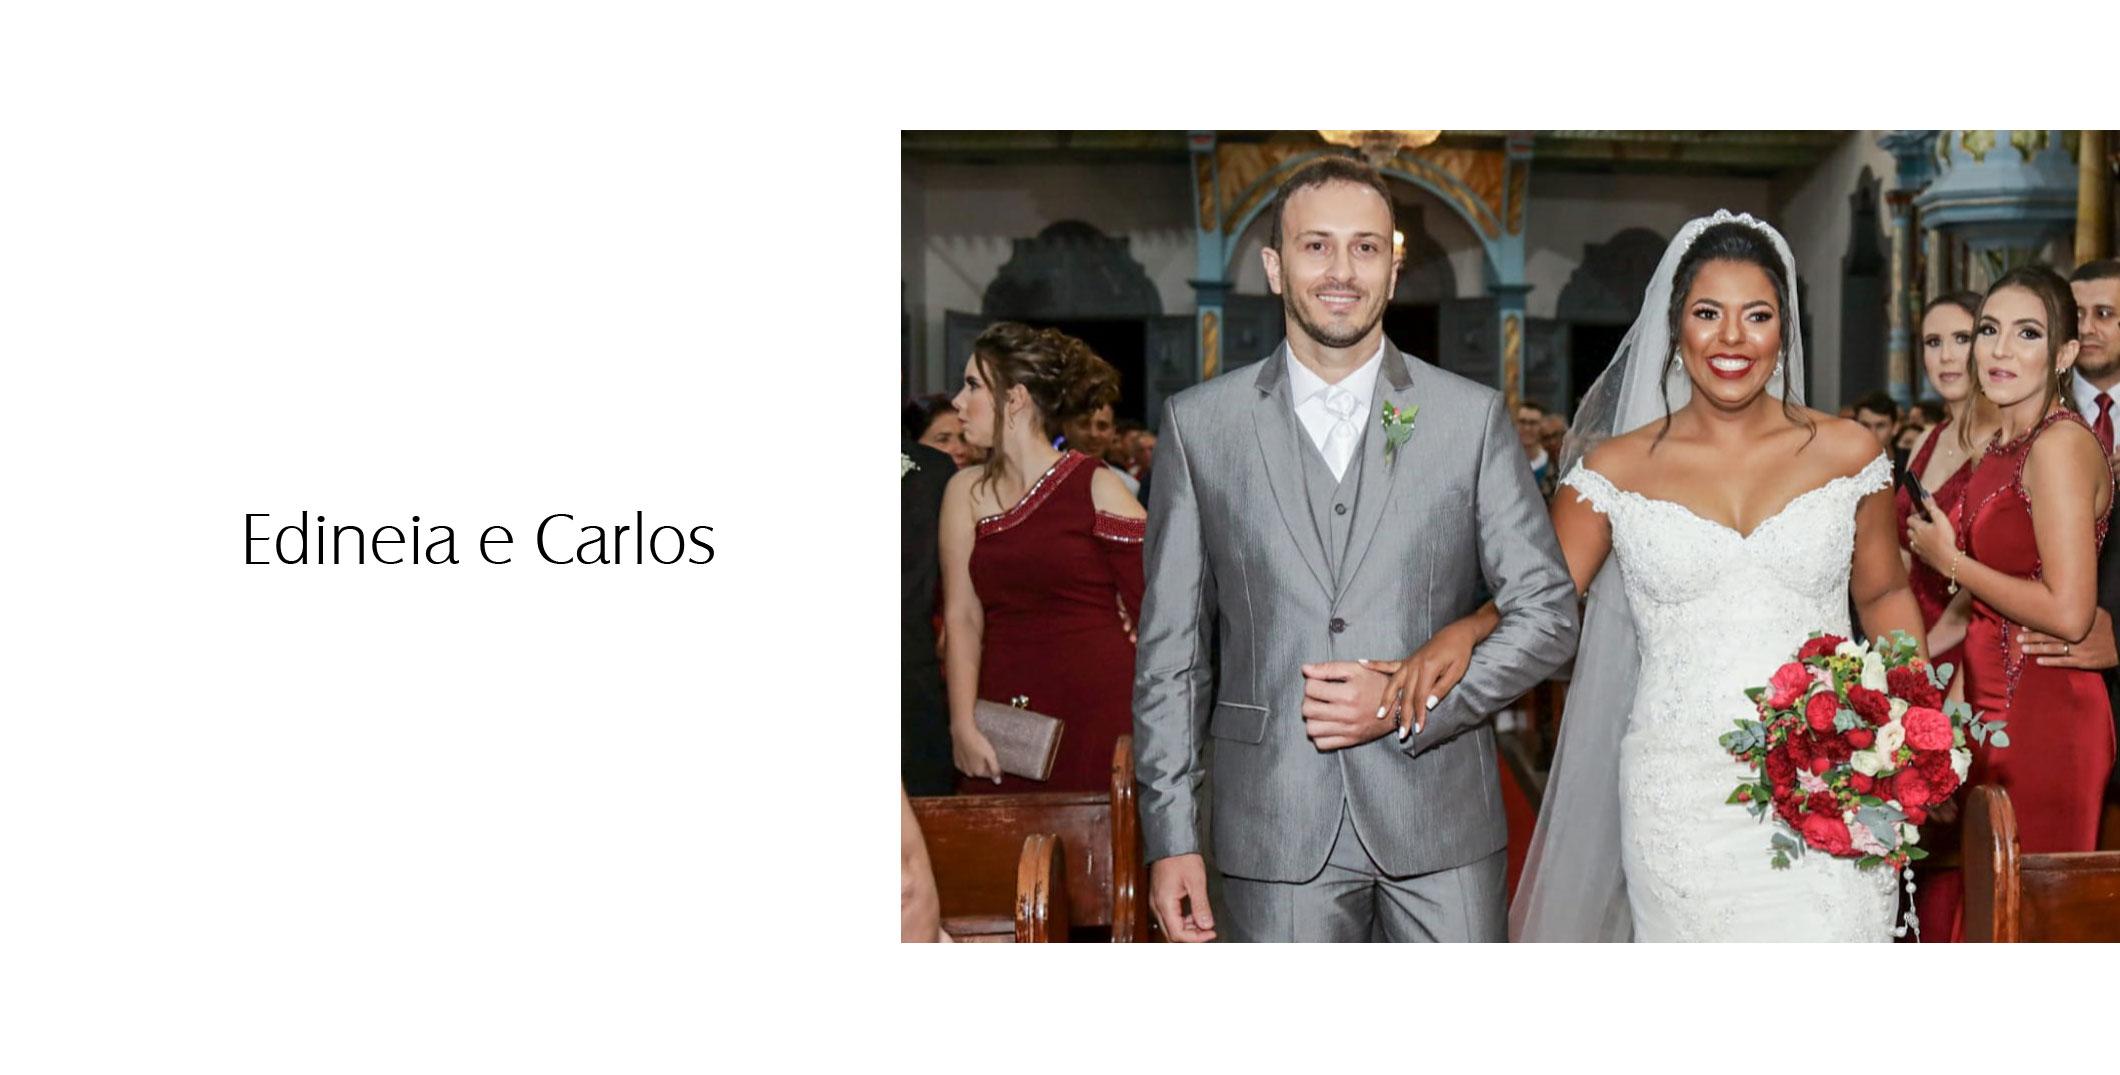 casamento-edineia-e-carlos-foto-myllena-bastos